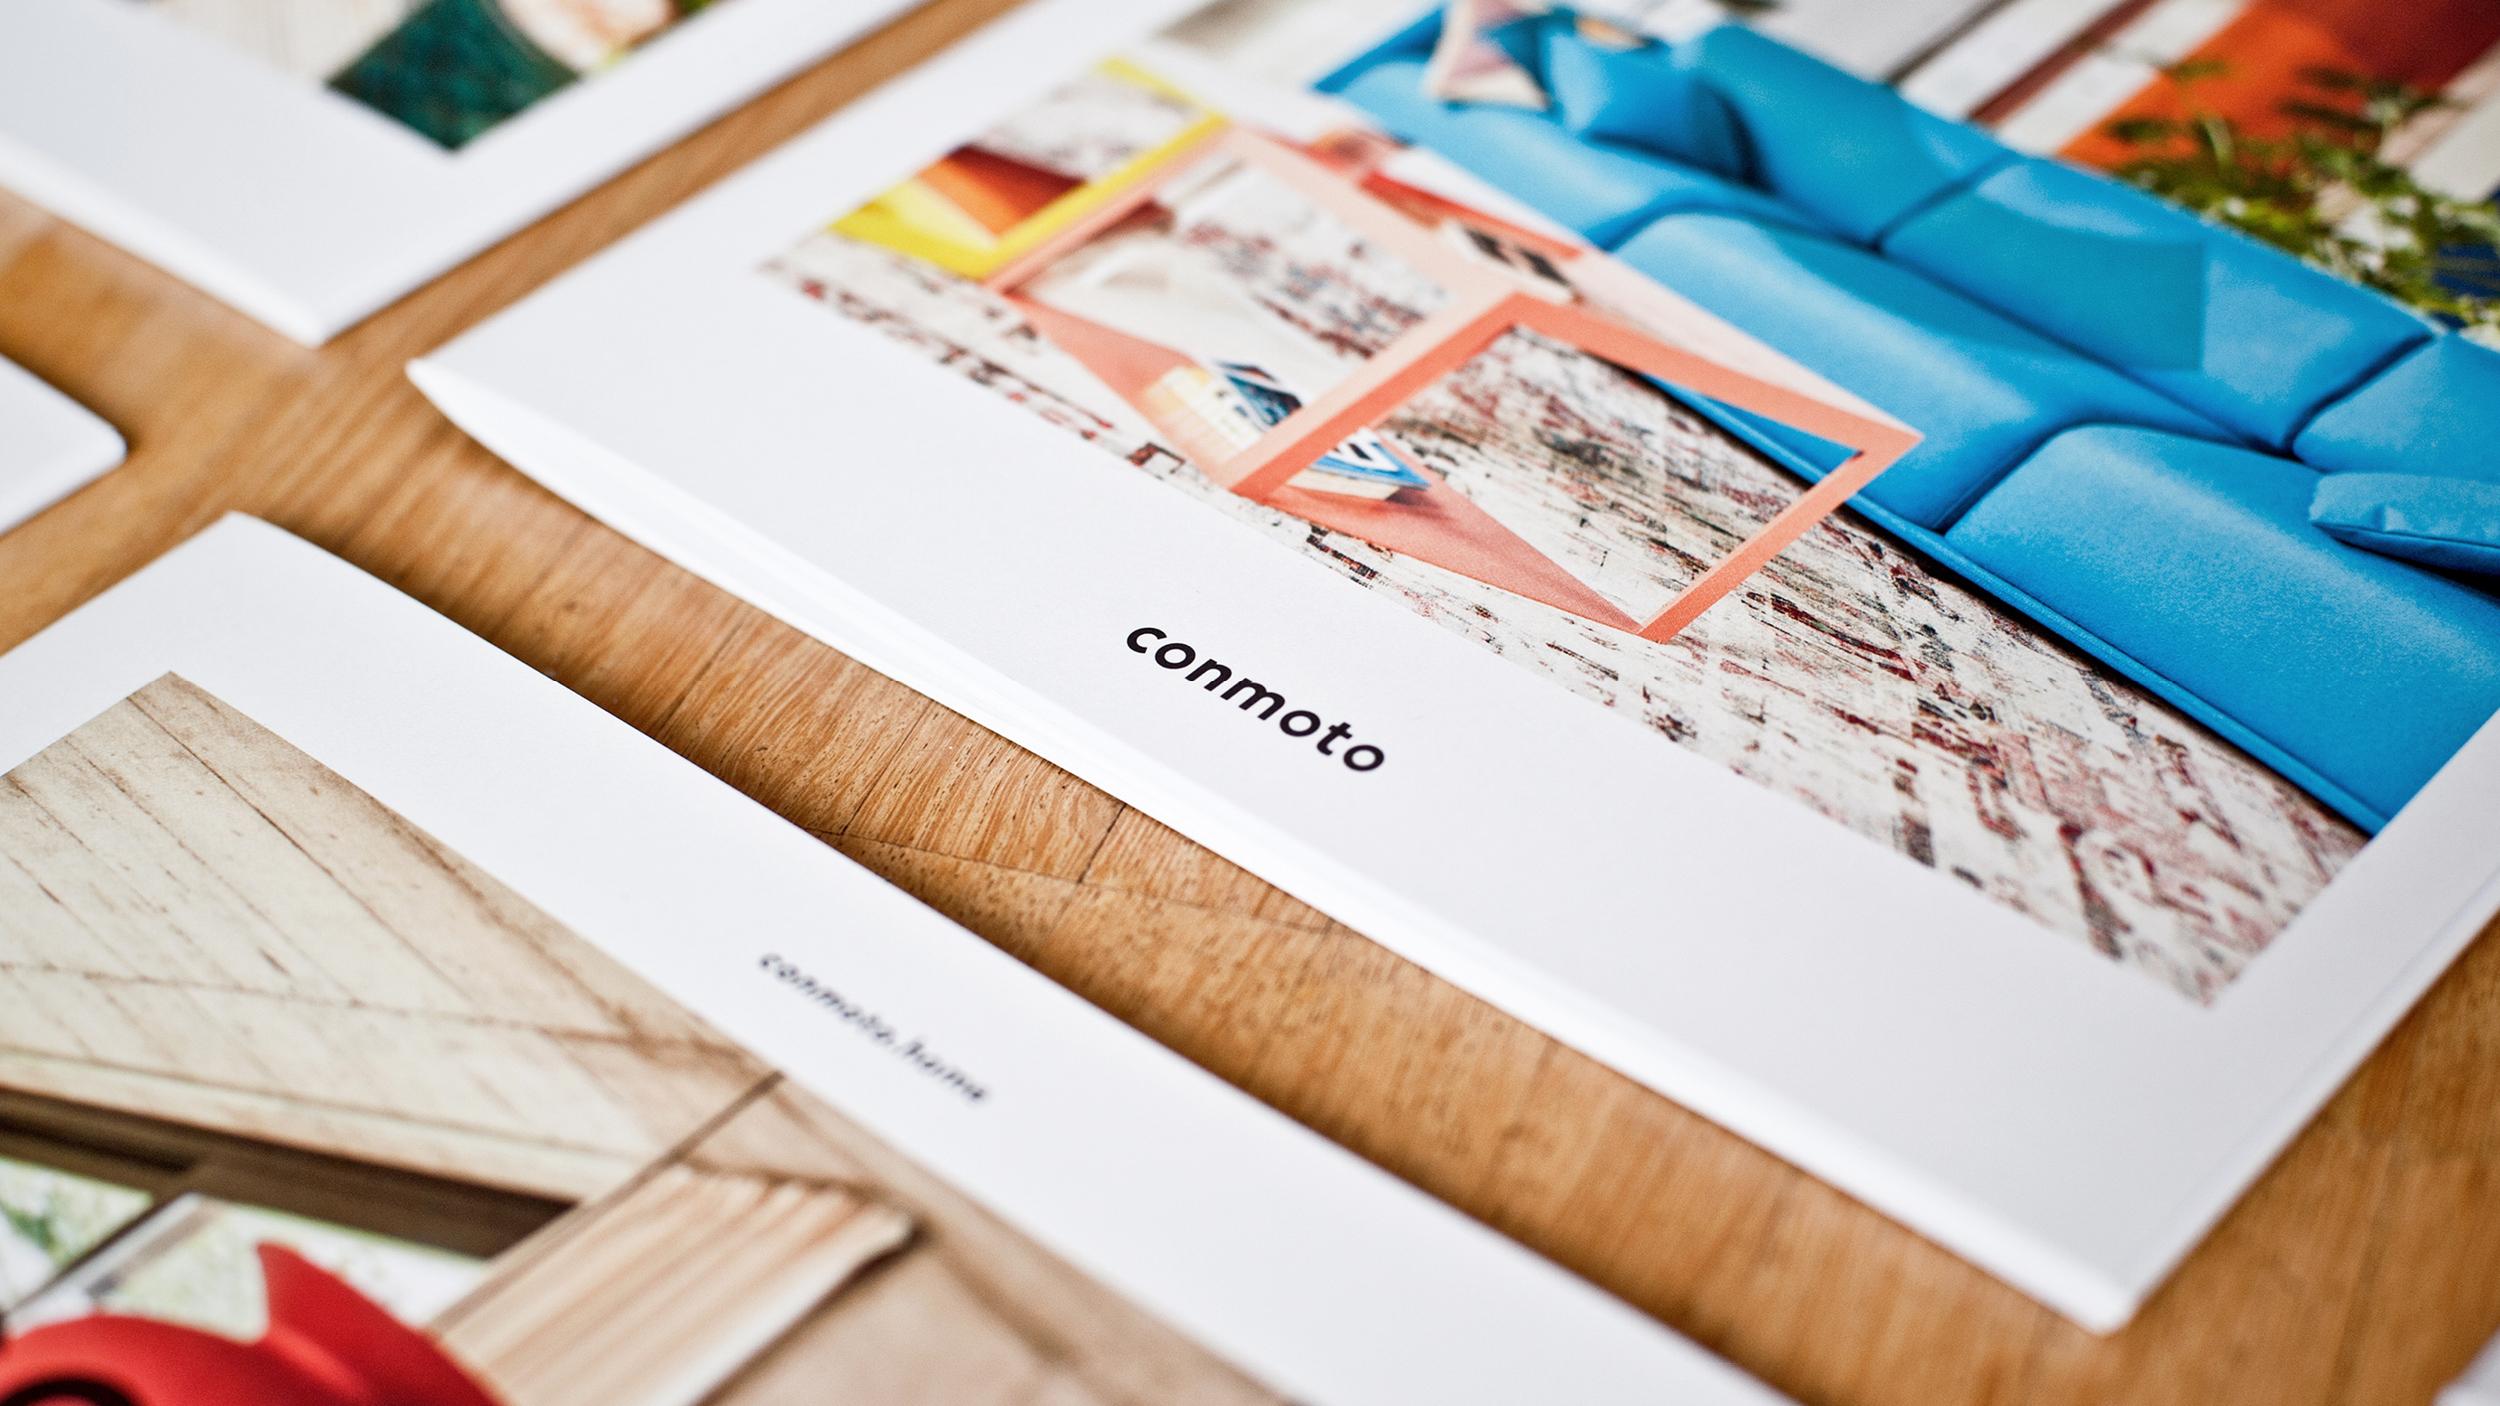 UNGESTRICHEN_conmoto catalogs 2010_start_018.jpg